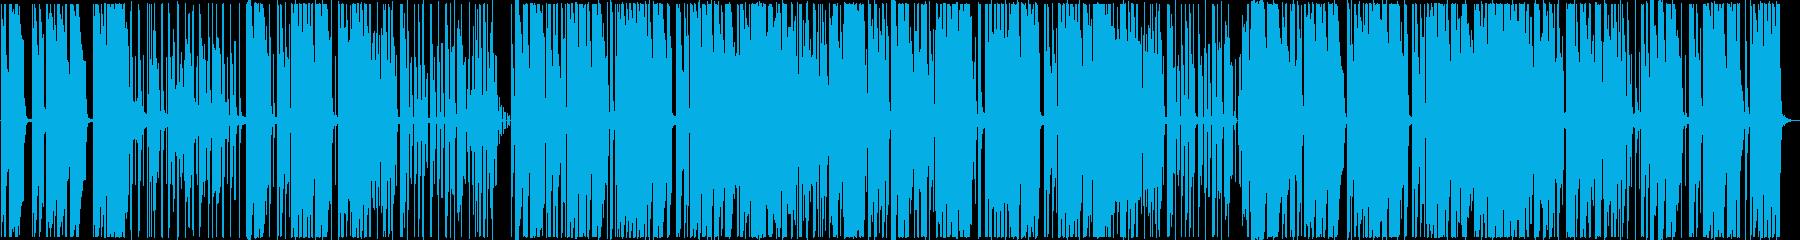 ジャジーなローファイ・チルの再生済みの波形